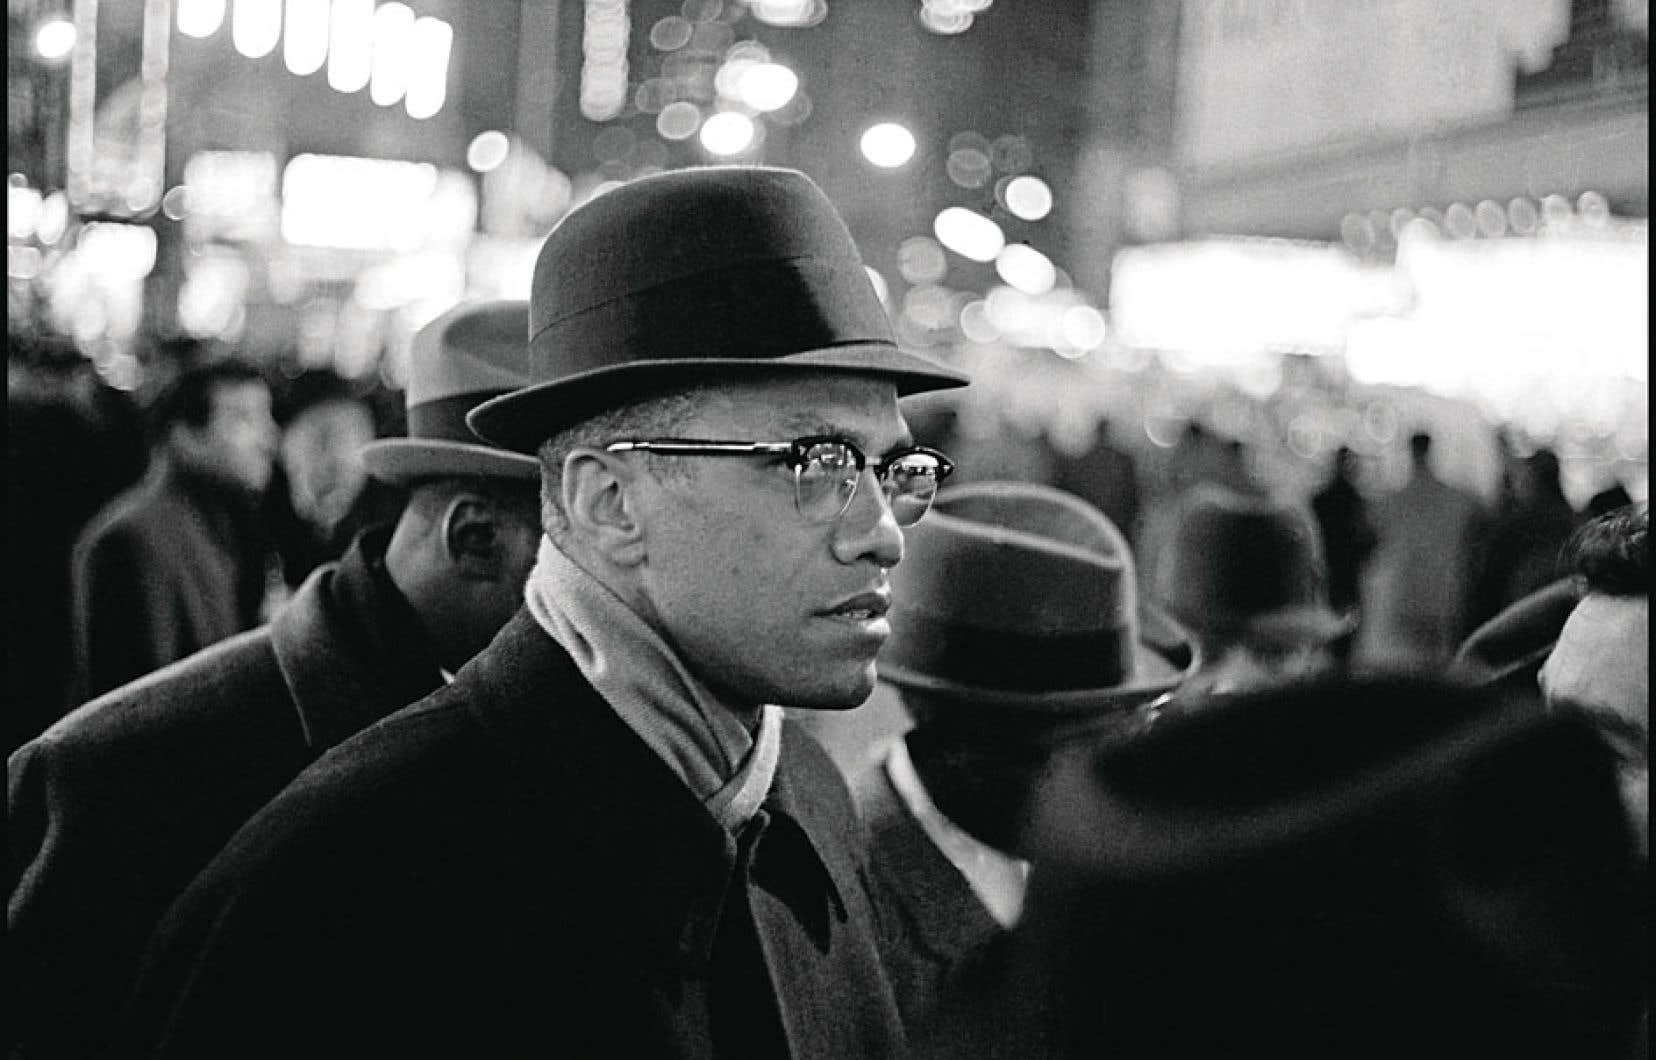 Malcolm X participe à une manifestation de la Nation of Islam, connue comme les Black Muslims, les « musulmans noirs », réclamant la liberté de religion en 1963 à Times Square, à New York. En mars 1964, Malcolm X a rompu ses liens avec l'organisation.